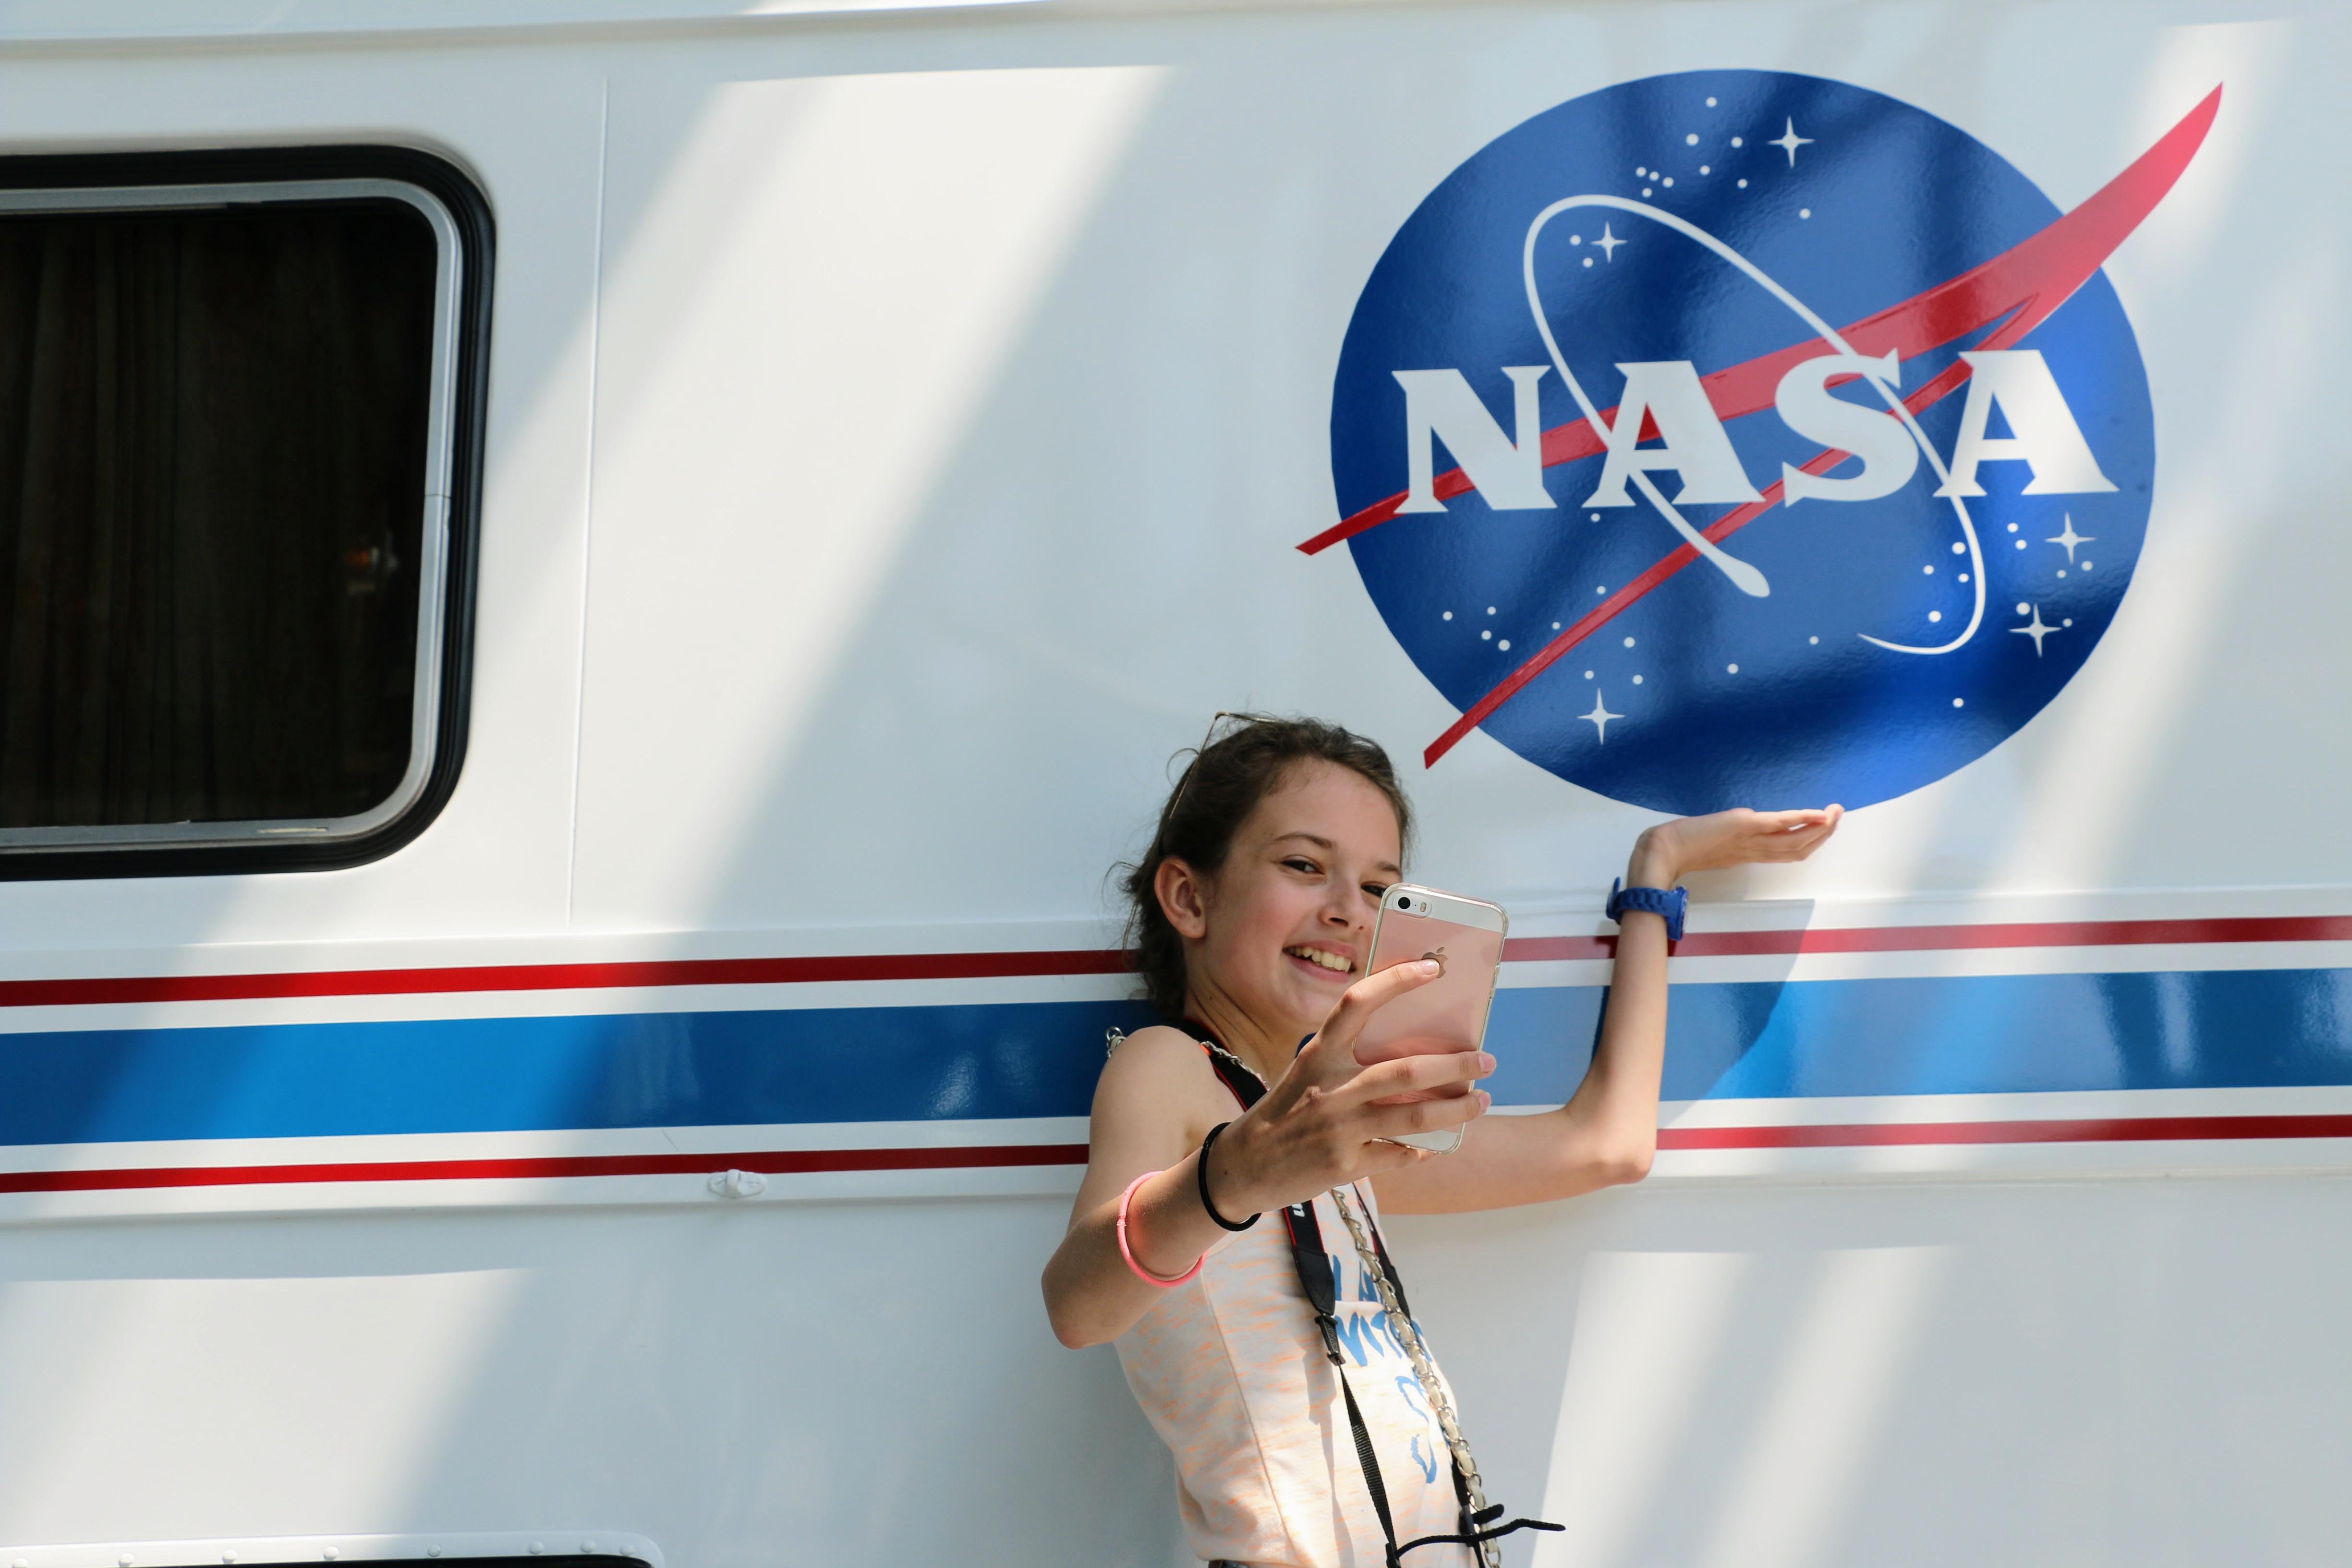 NASA in Florida bezoeken met kind